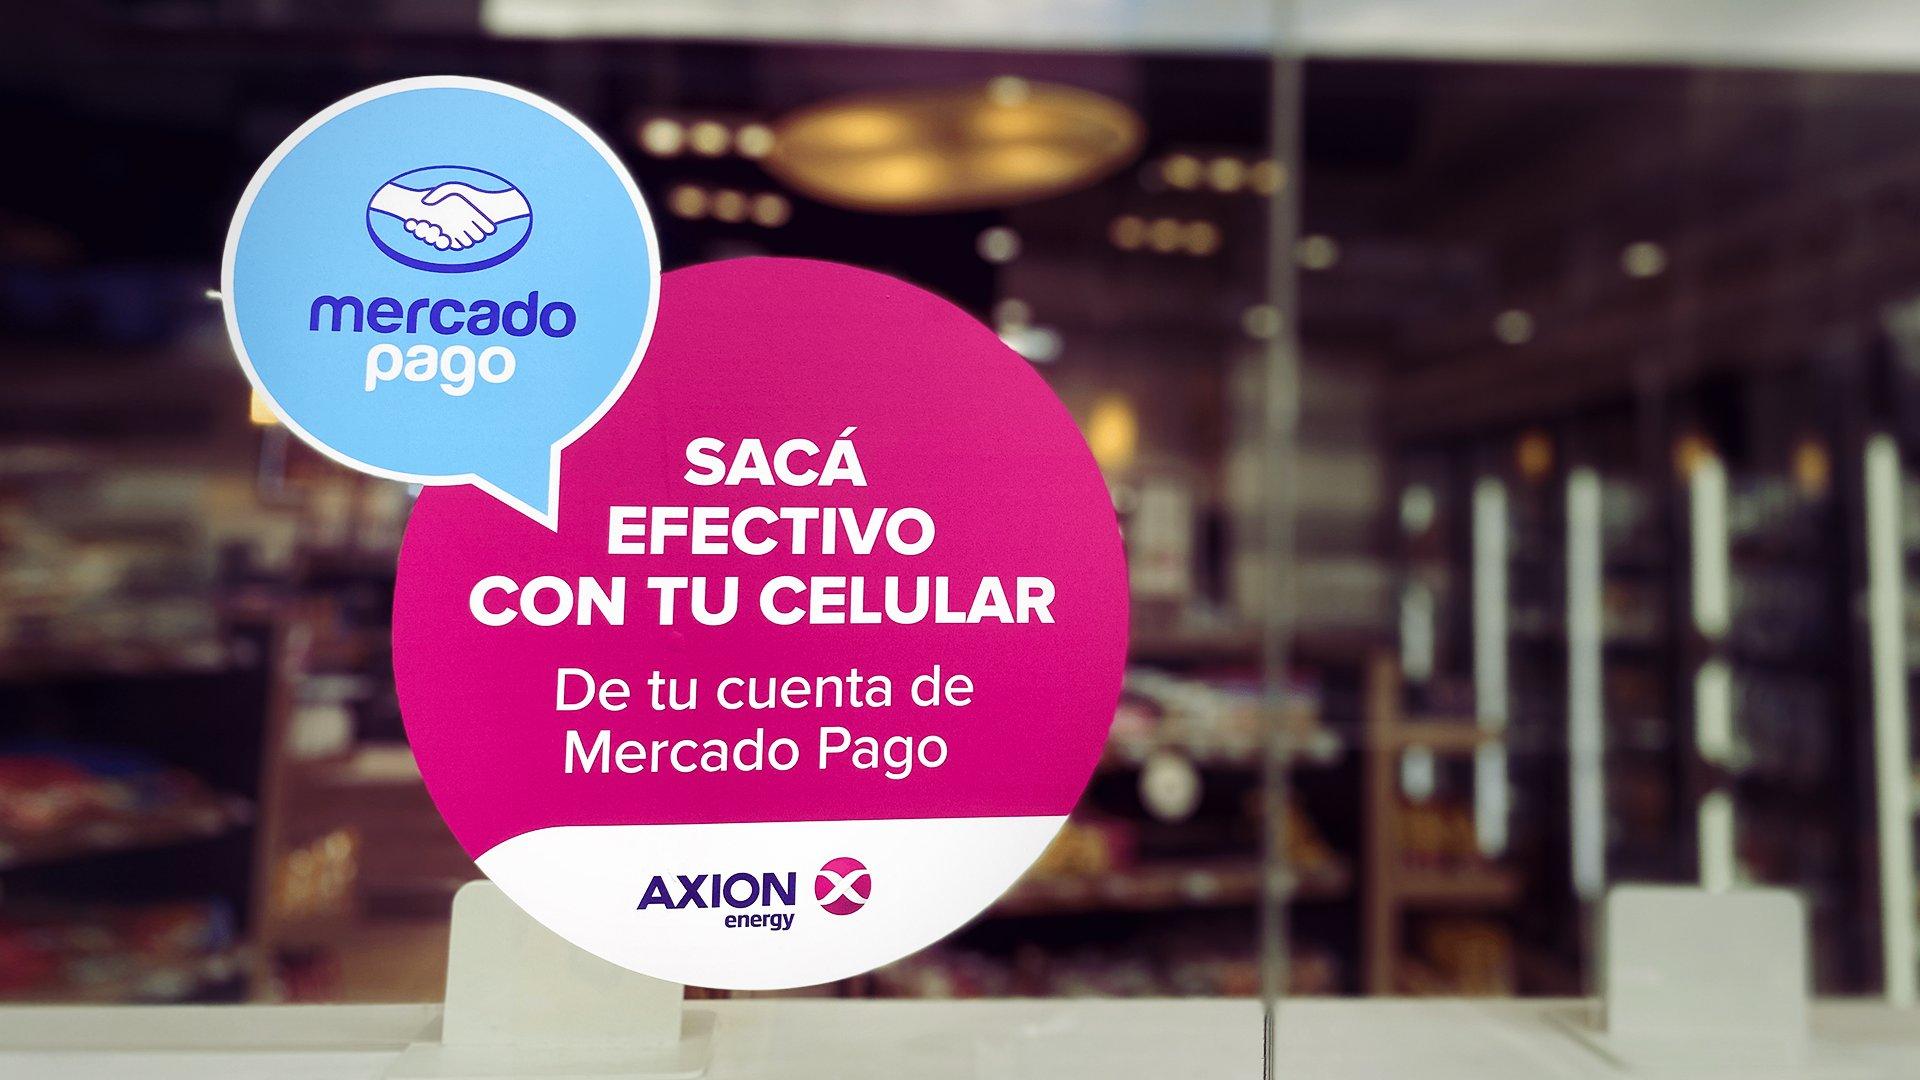 Mercado Pago permite extraer el saldo en cuenta en las estaciones Axion y sucursales de Mostaza